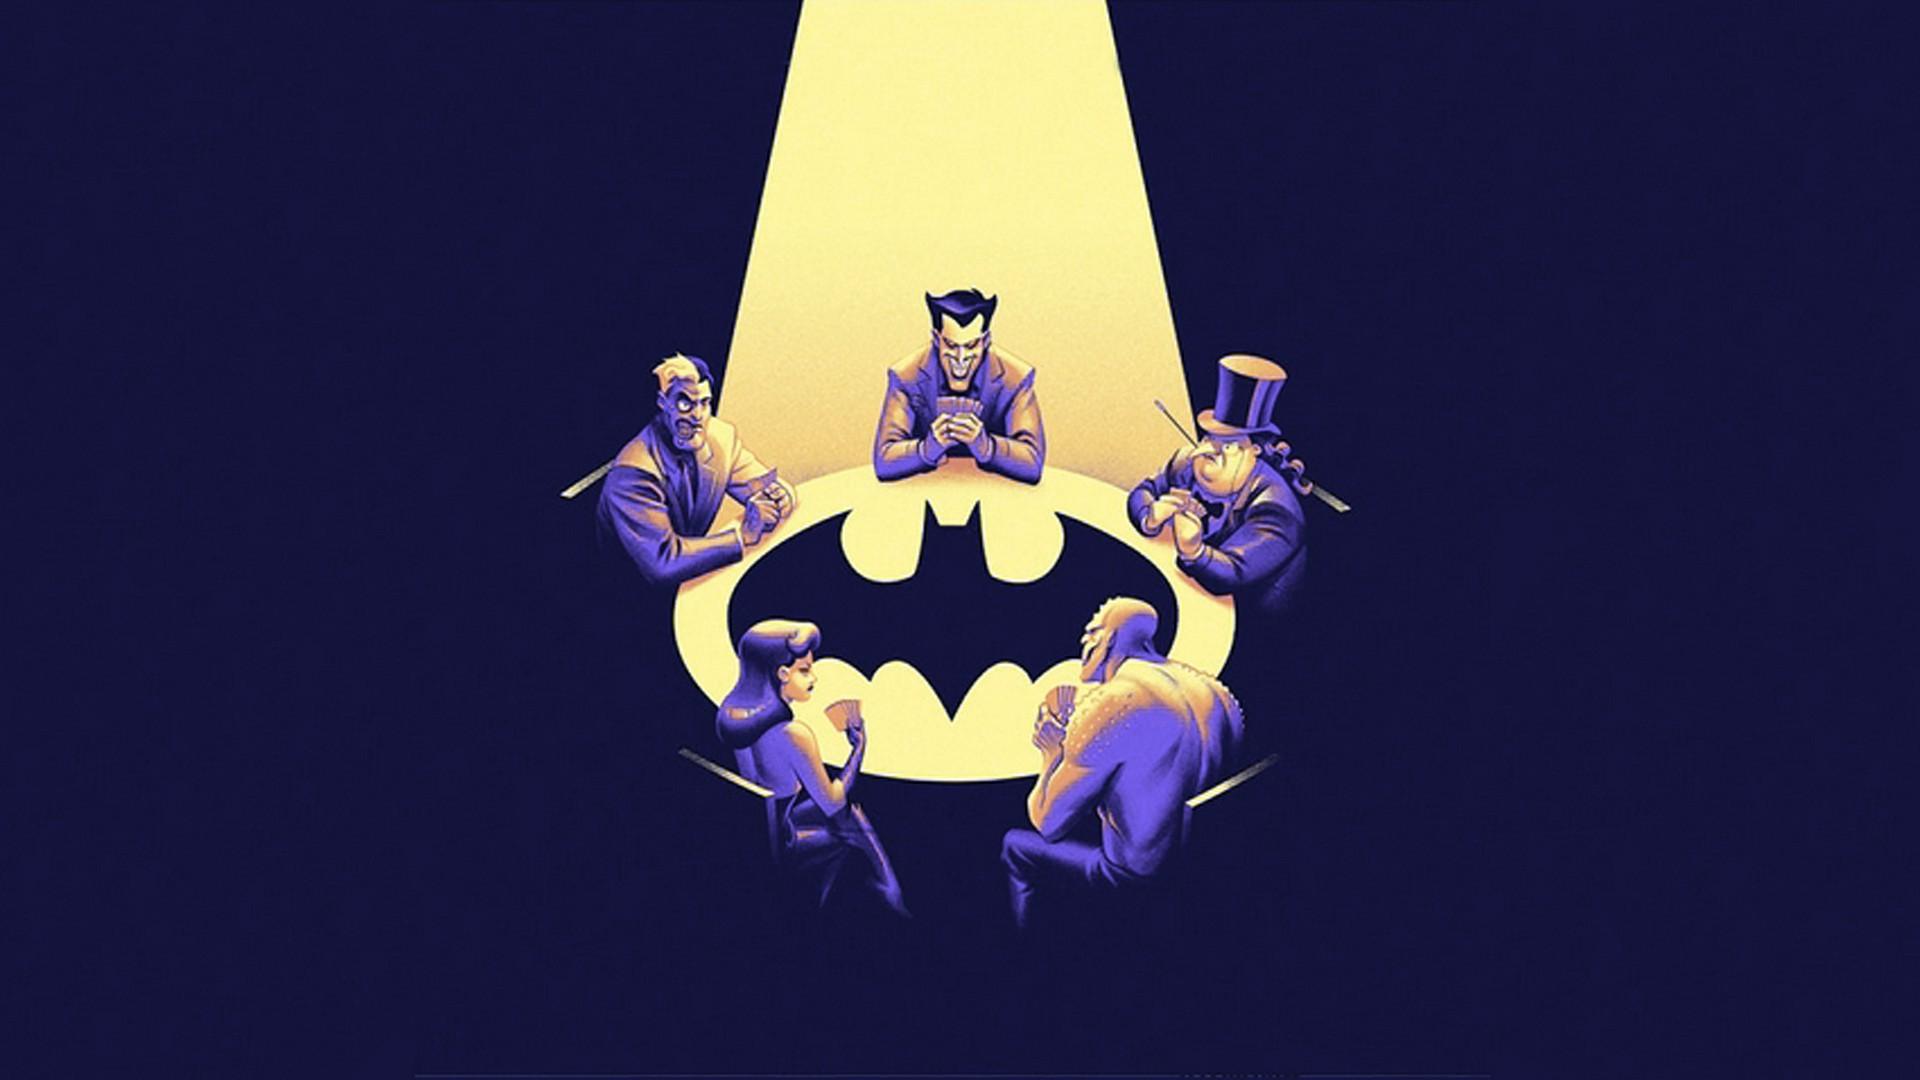 wallpaper : 1920x1080 px, batman, joker, killer croc, poison ivy